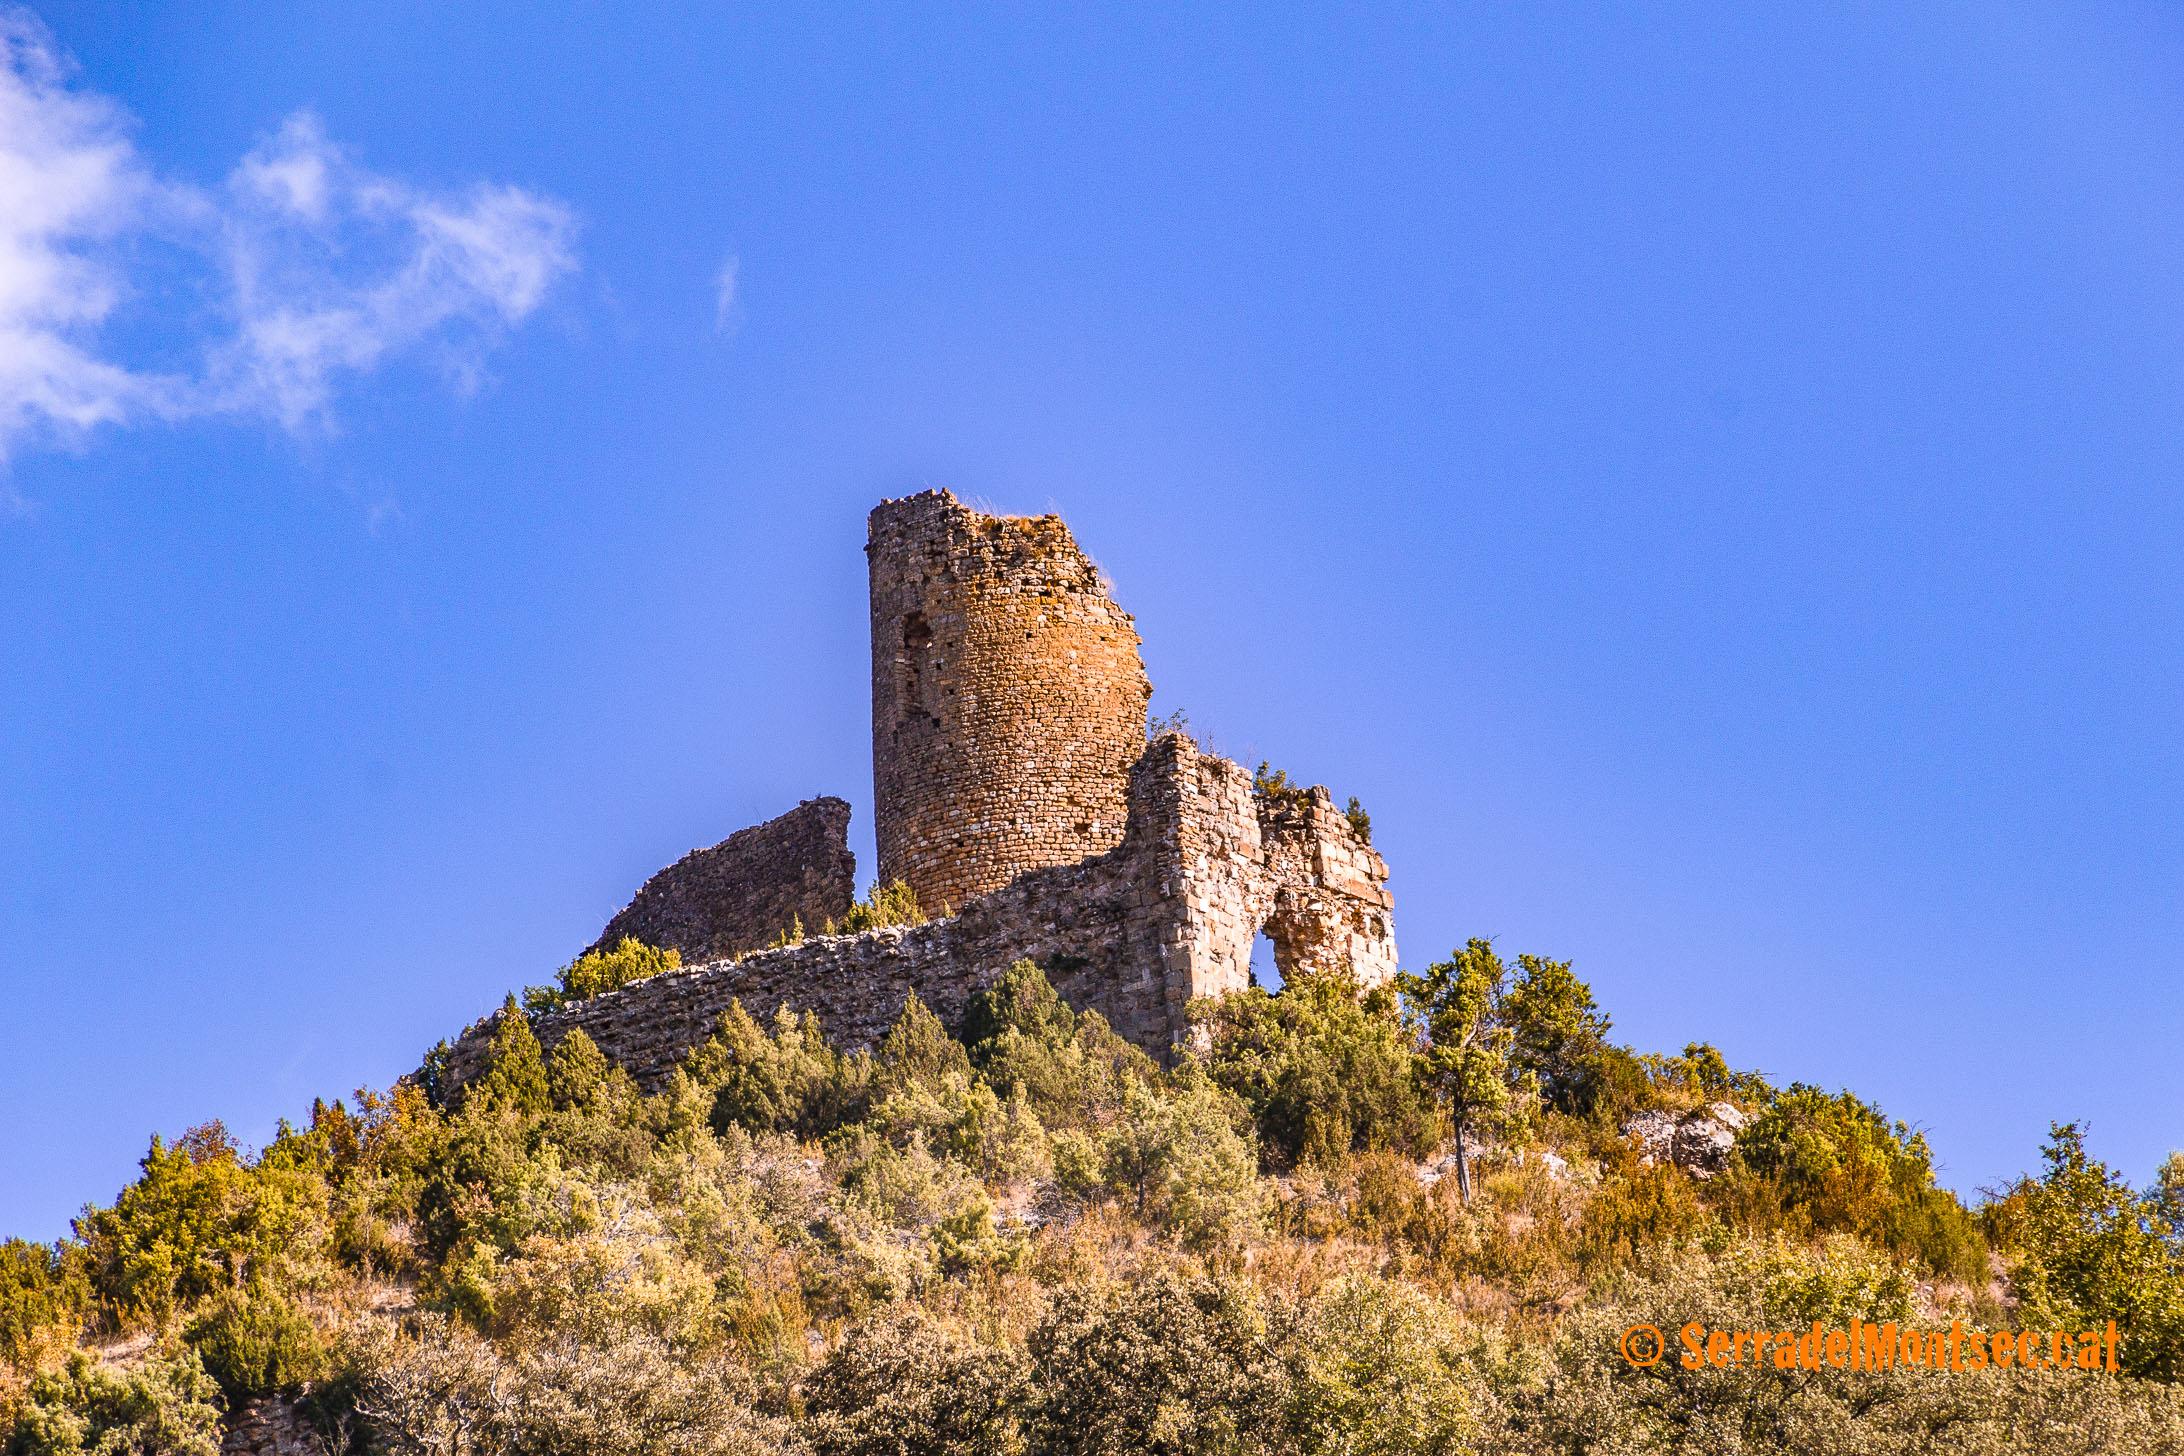 Castell de Falç i, a sota, l'antiga l'església de Sant Just i Sant Pastor de Falç. Tolba, Ribagorça. Osca, Aragó. Montsec de l'Estall.